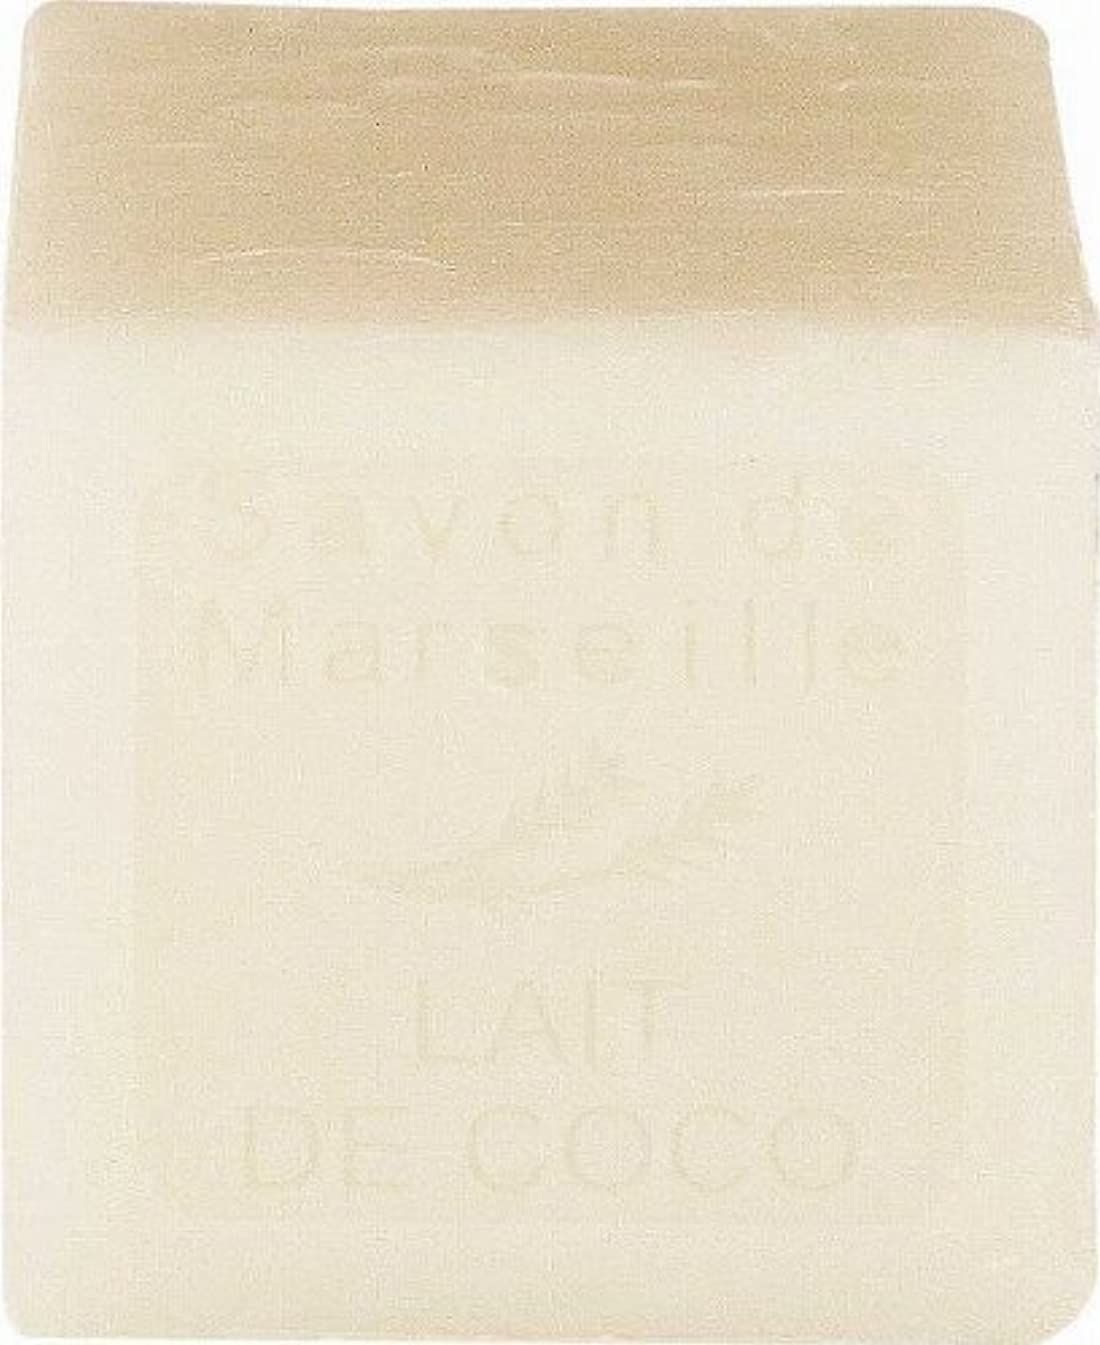 メーター長さ一般的にル?シャトゥラール キューブソープ 100g ココナッツミルク CUBE100